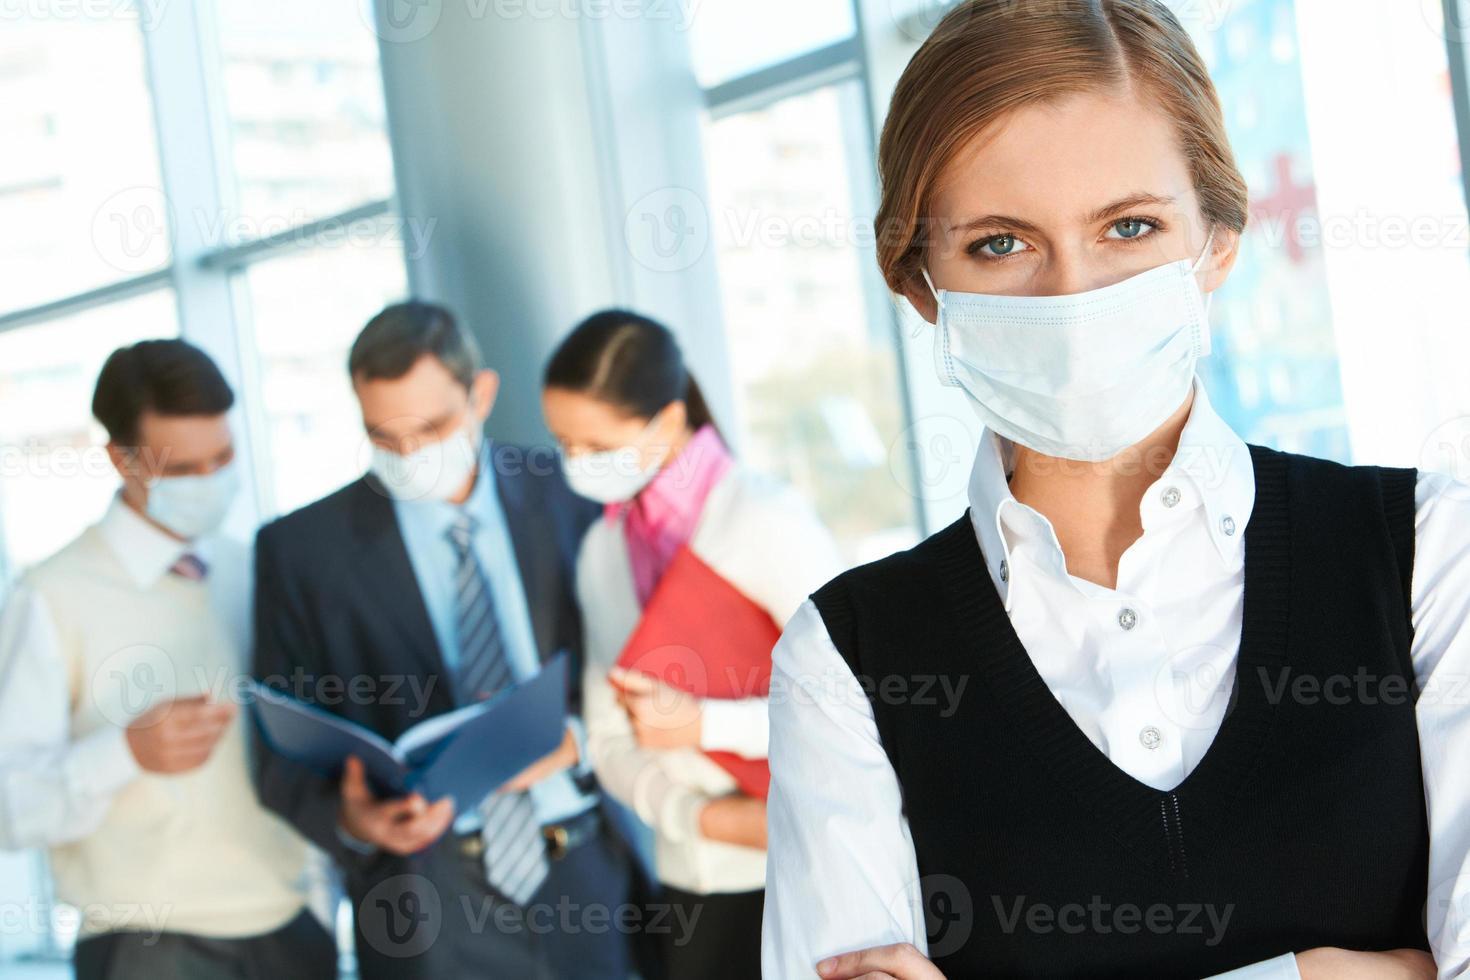 Danger of flu photo